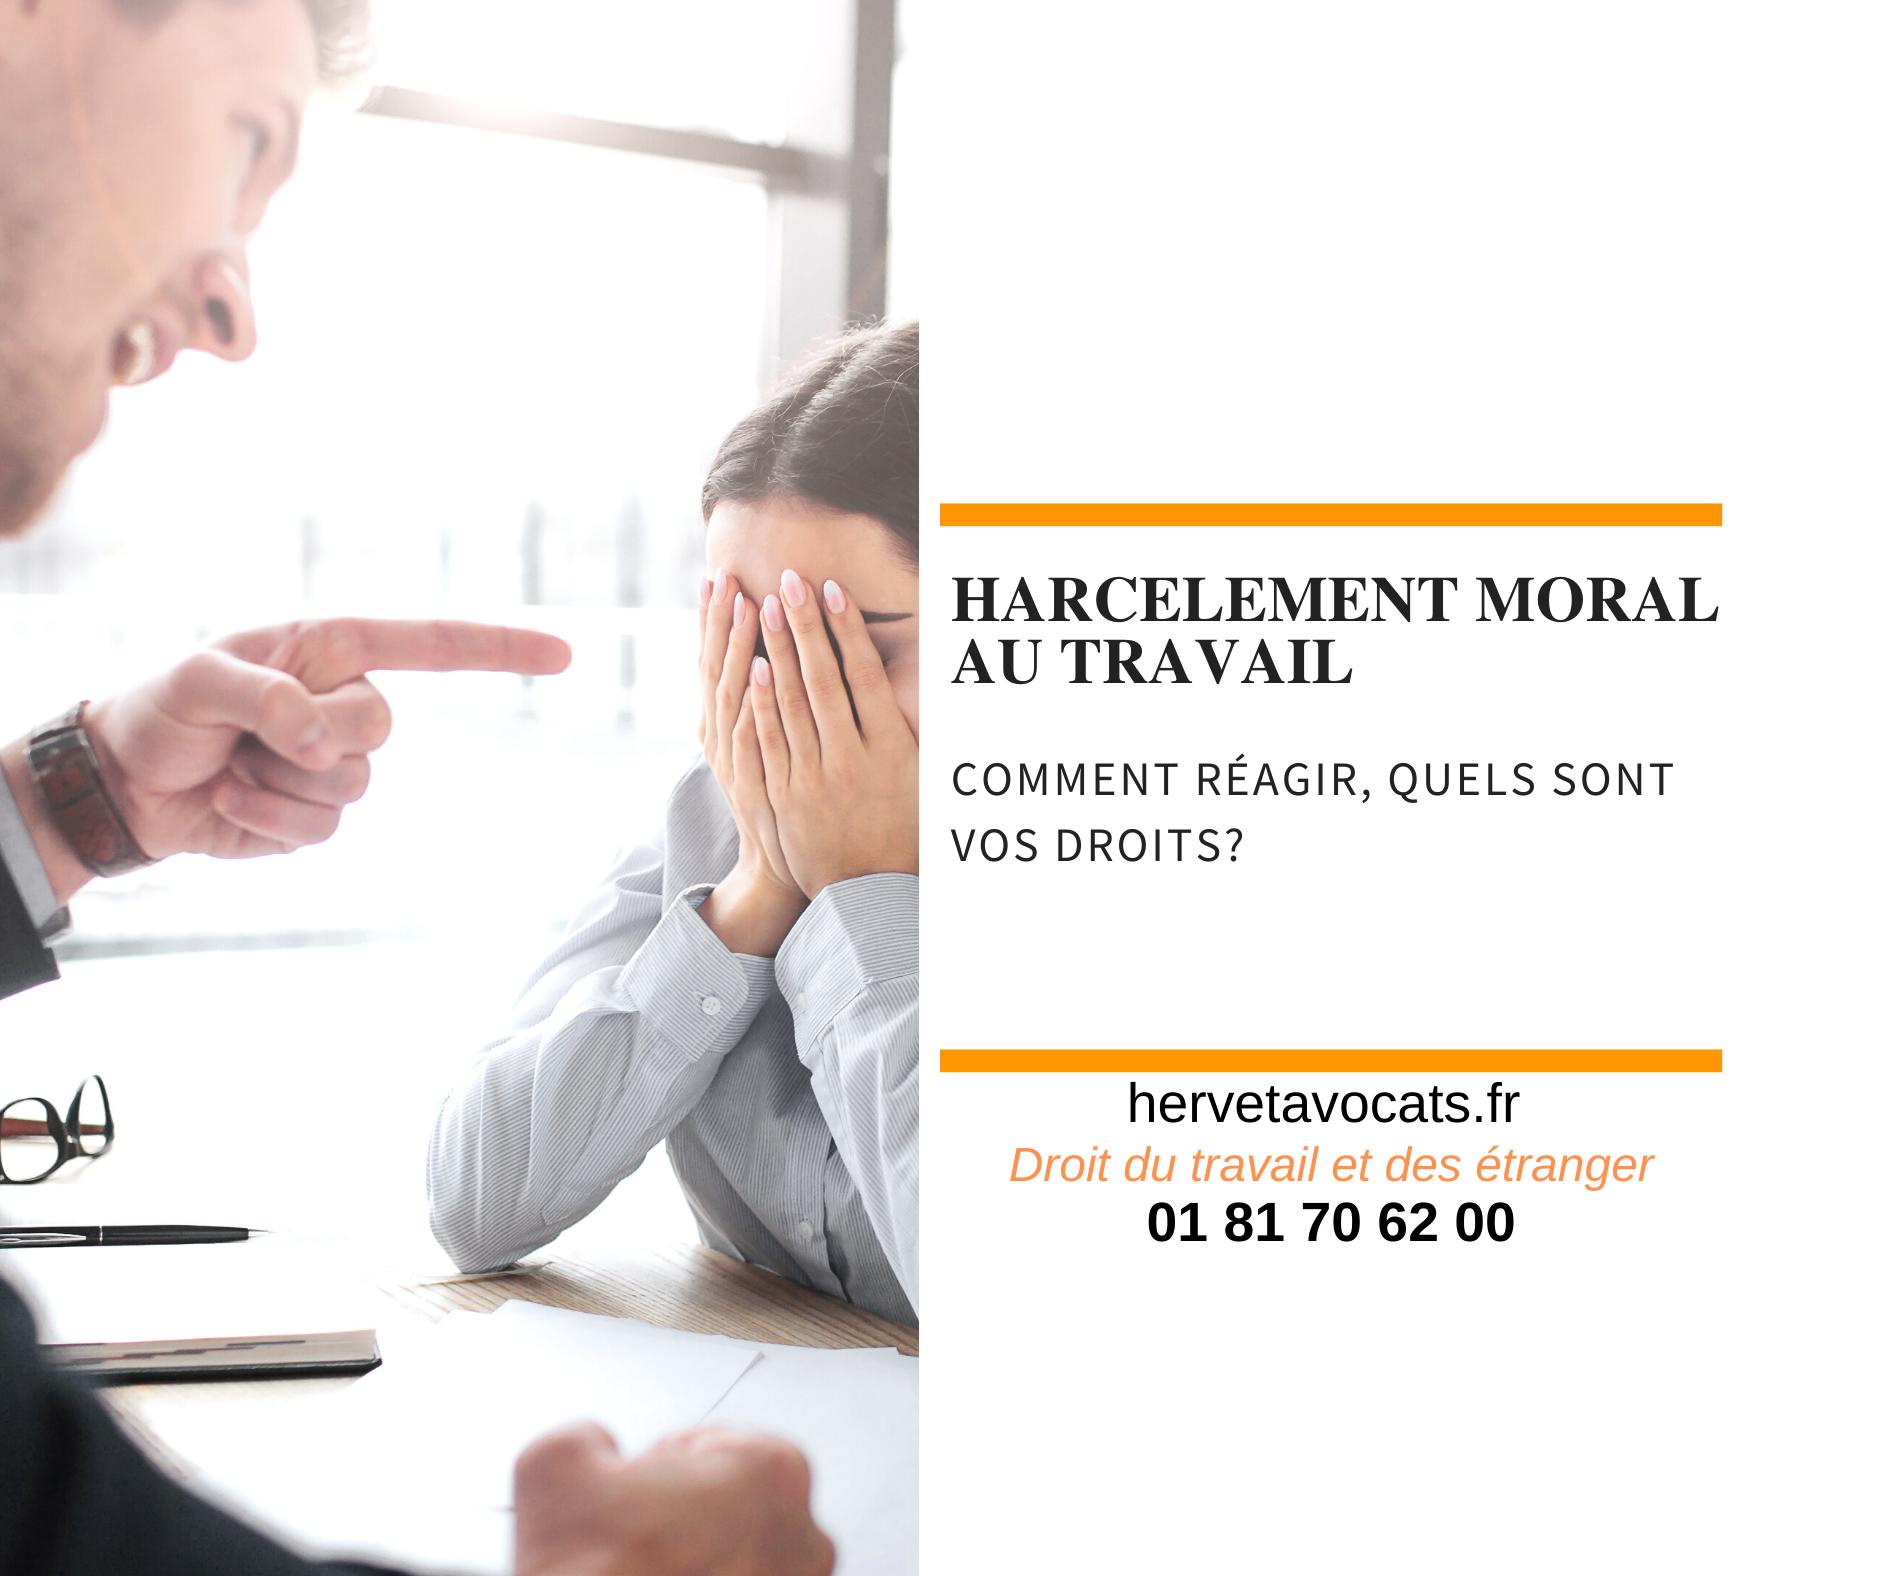 Harcèlement moral au travail : quels sont vos droits ?